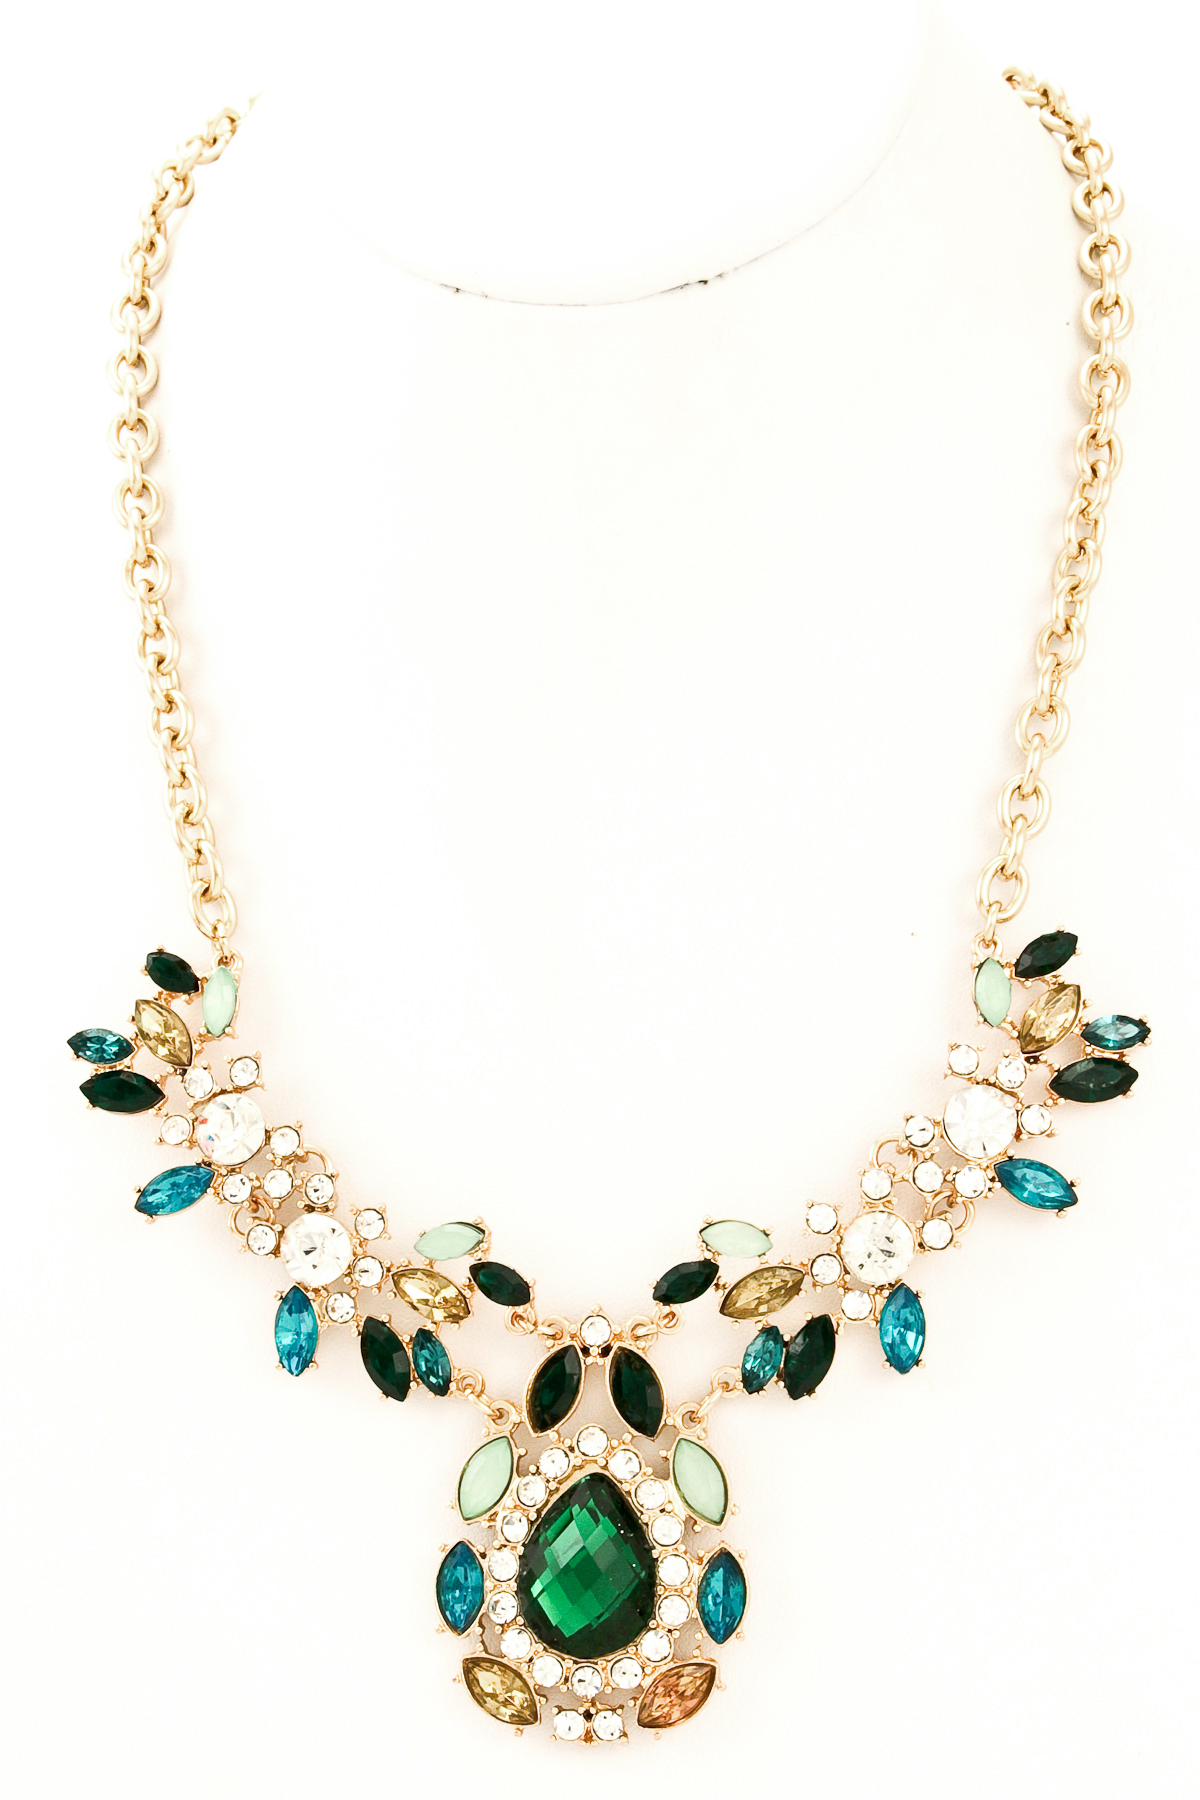 Teardrop Jewel Necklace Necklaces